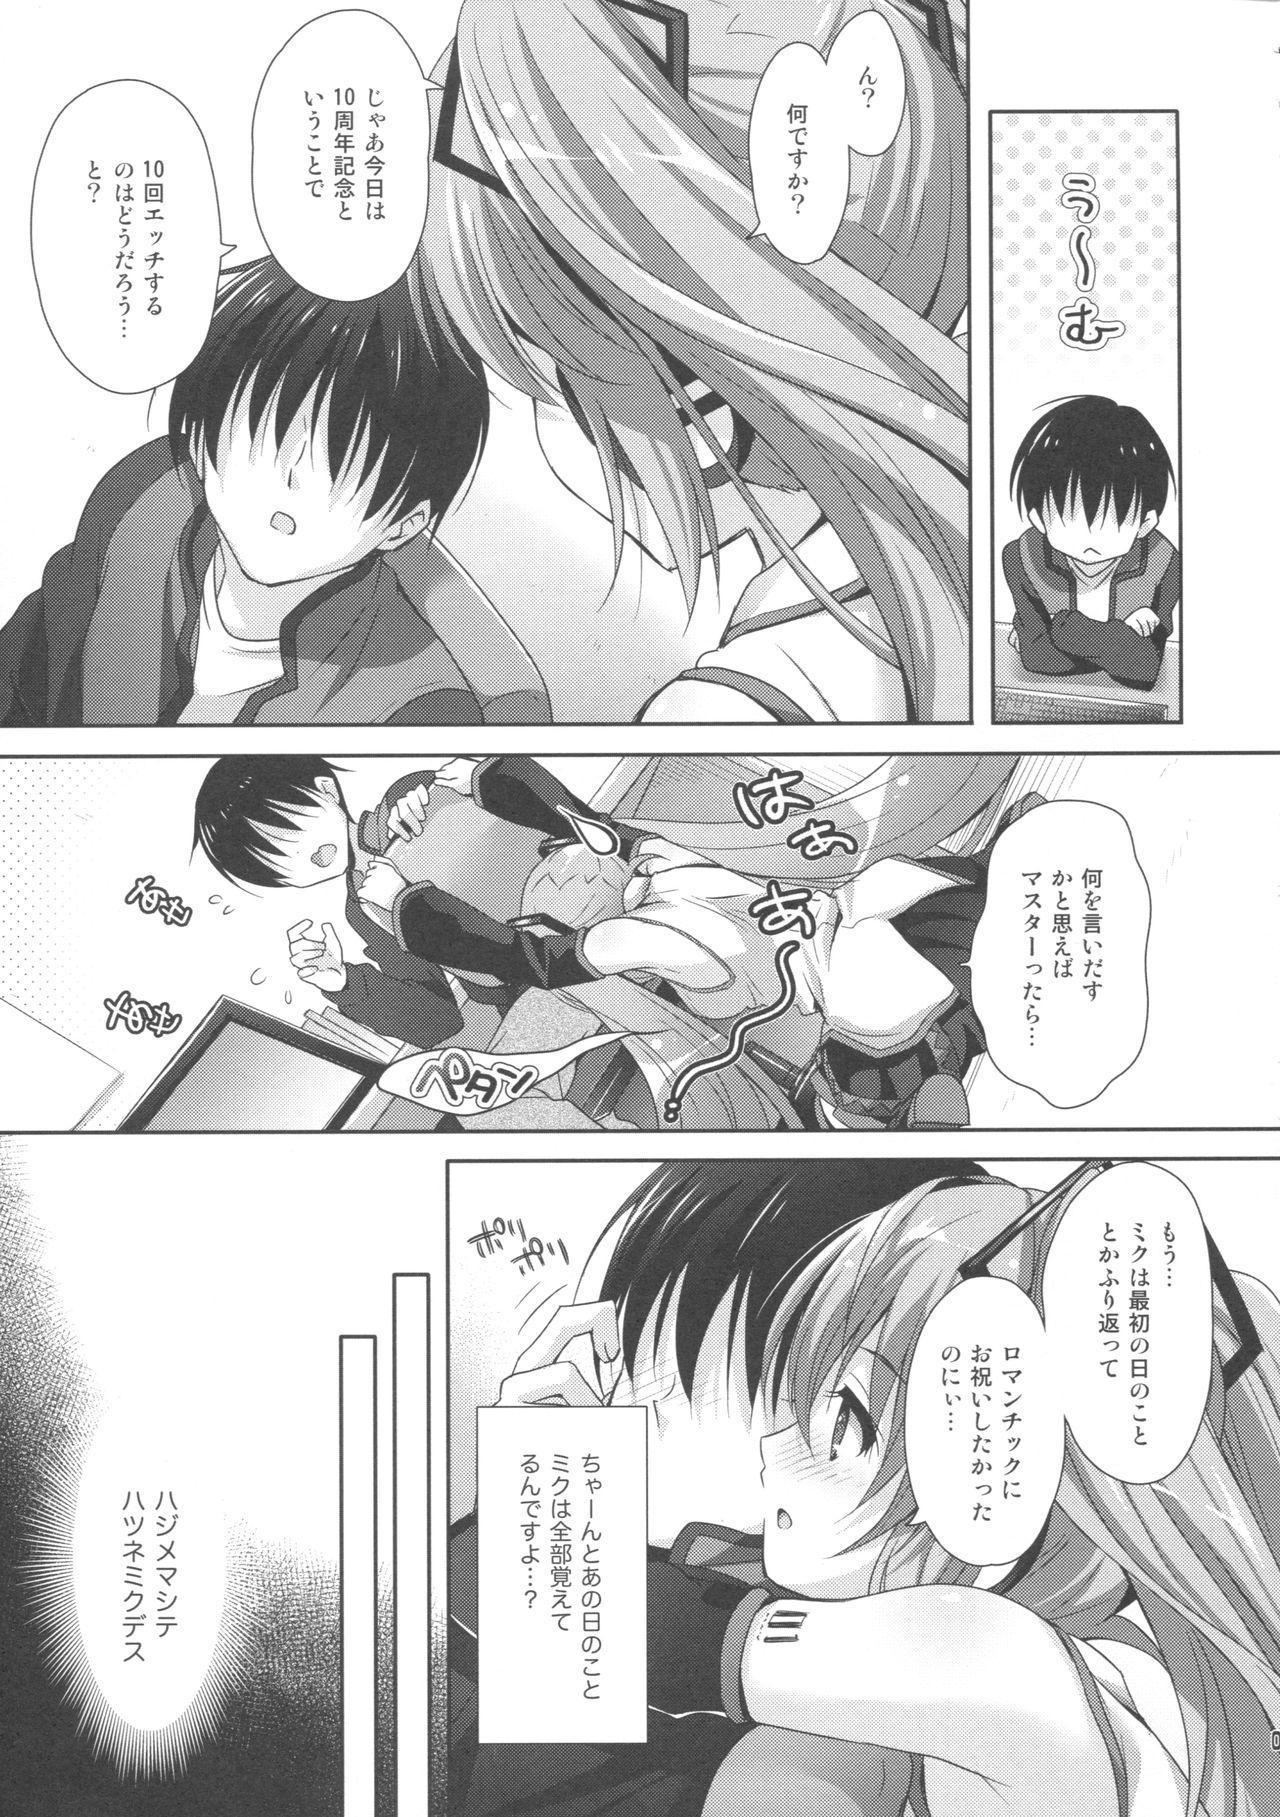 Miku-san ga 10 Shuunen ni Iroiro Omoidashi Tari Suru Ohanashi 4